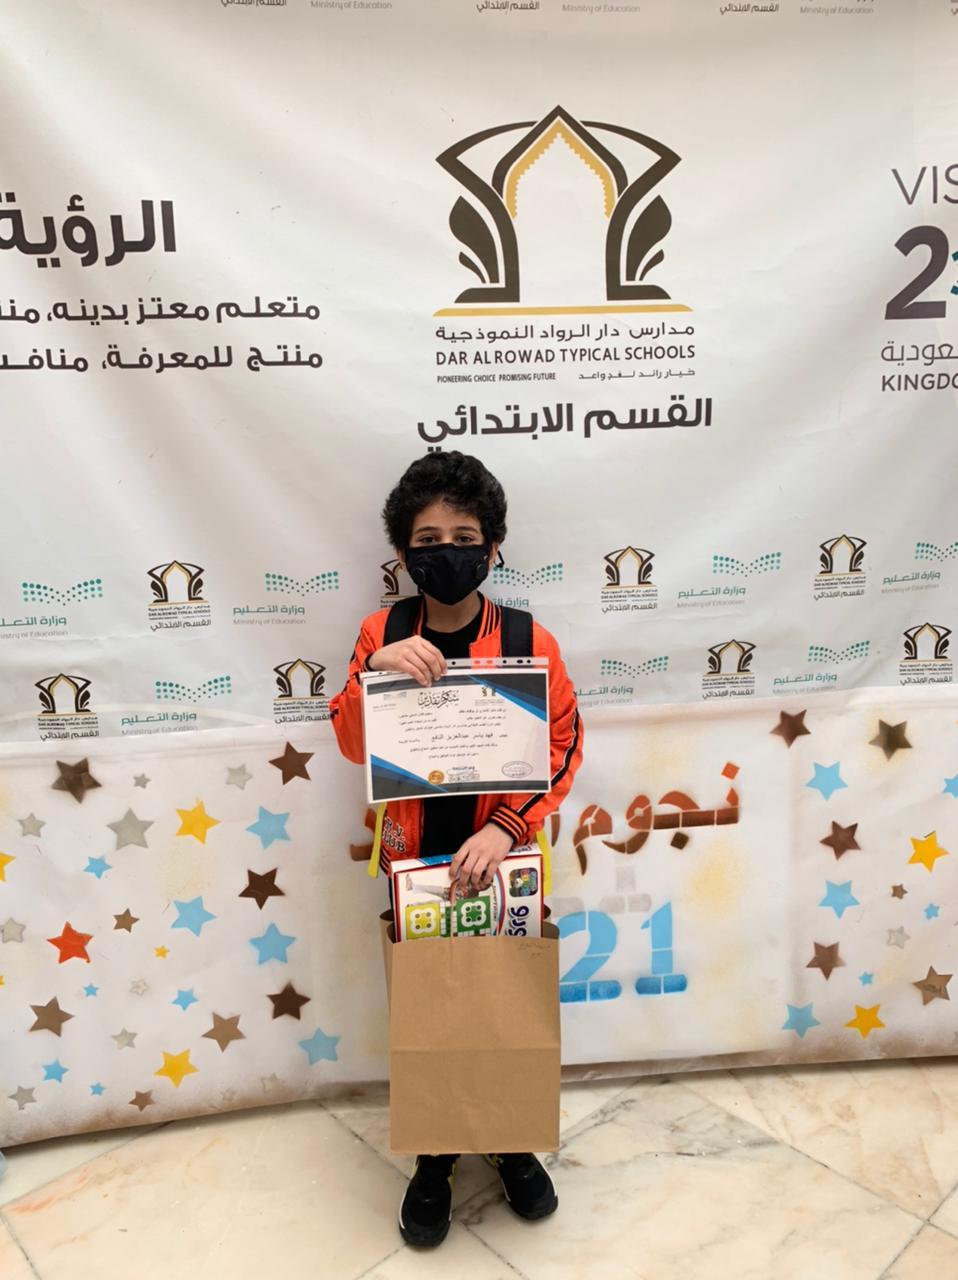 قام القسم الابتدائي بمدارس دار الرواد بتكريم الطلاب الفائزين بمسابقة ( فرسان كلاسيرا )